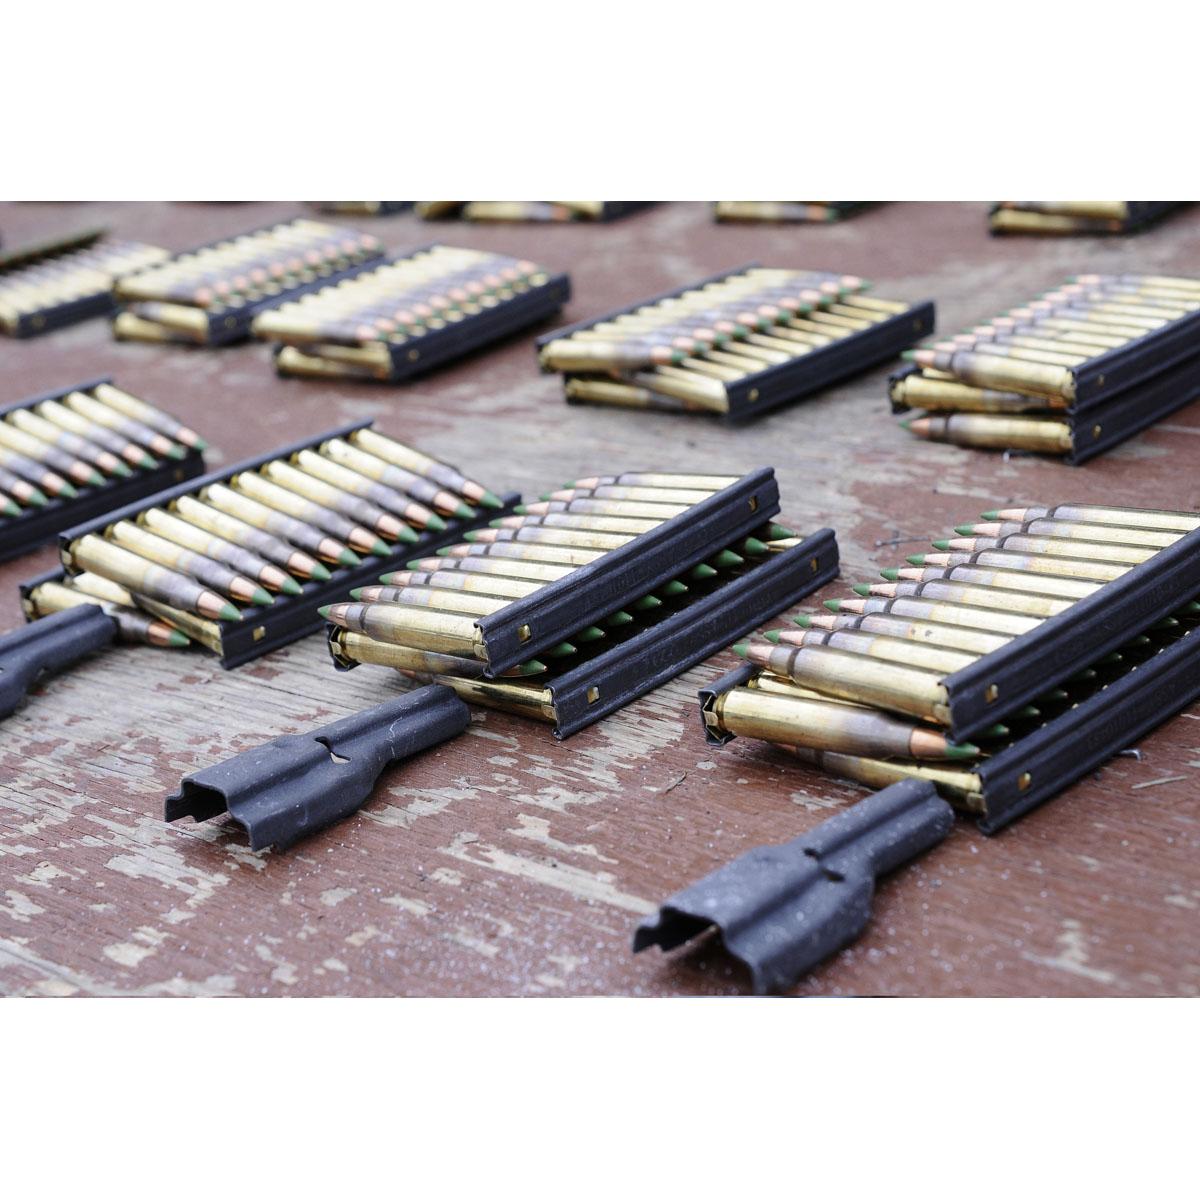 15111277 米軍スタイルの名小道具!! 米軍官給品 5.56mm 10rd アモクリップ専用スピードローダー *スプーン